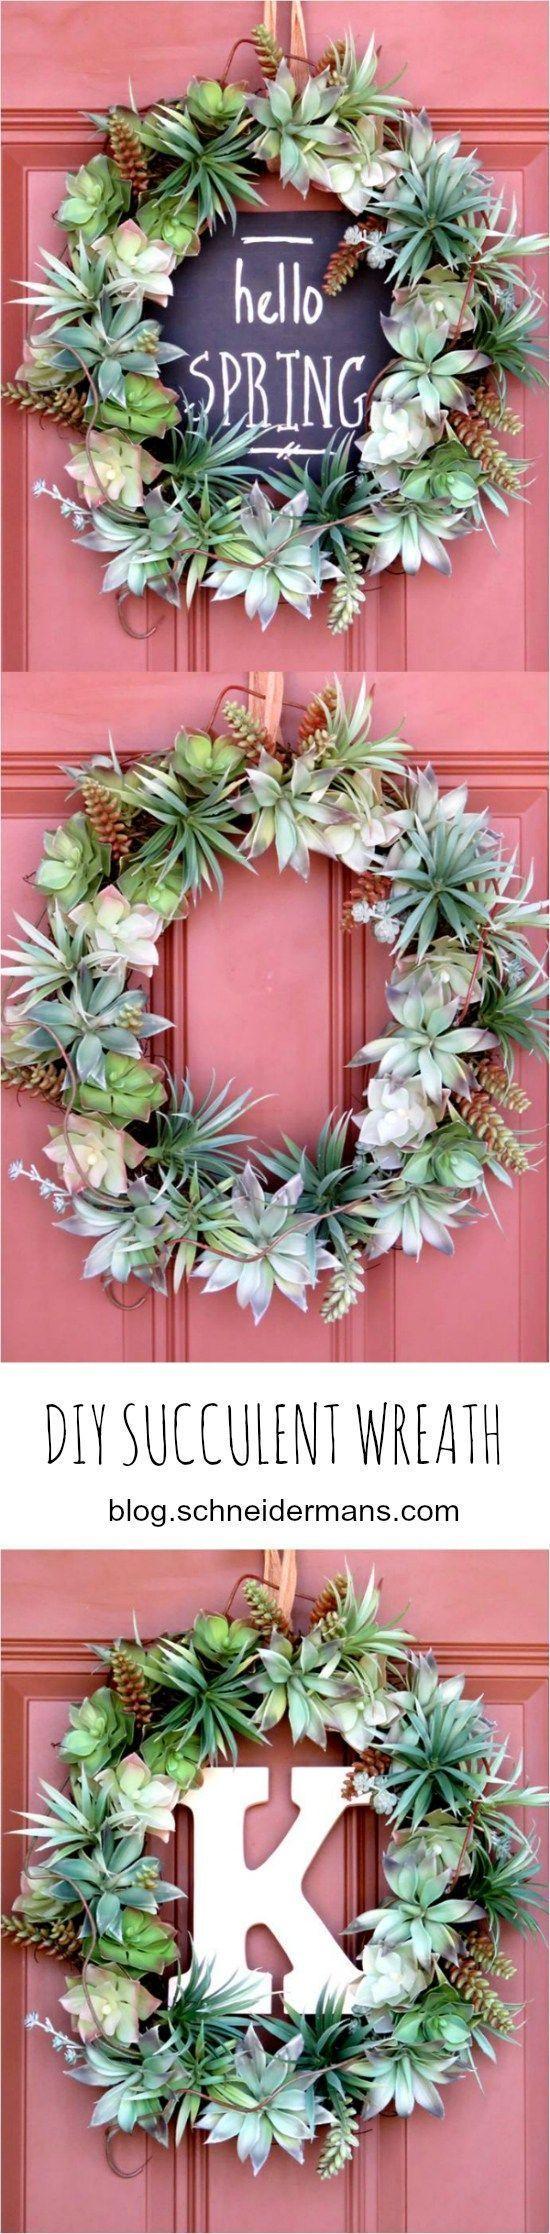 Beautiful DIY Spring Wreaths to Make 702